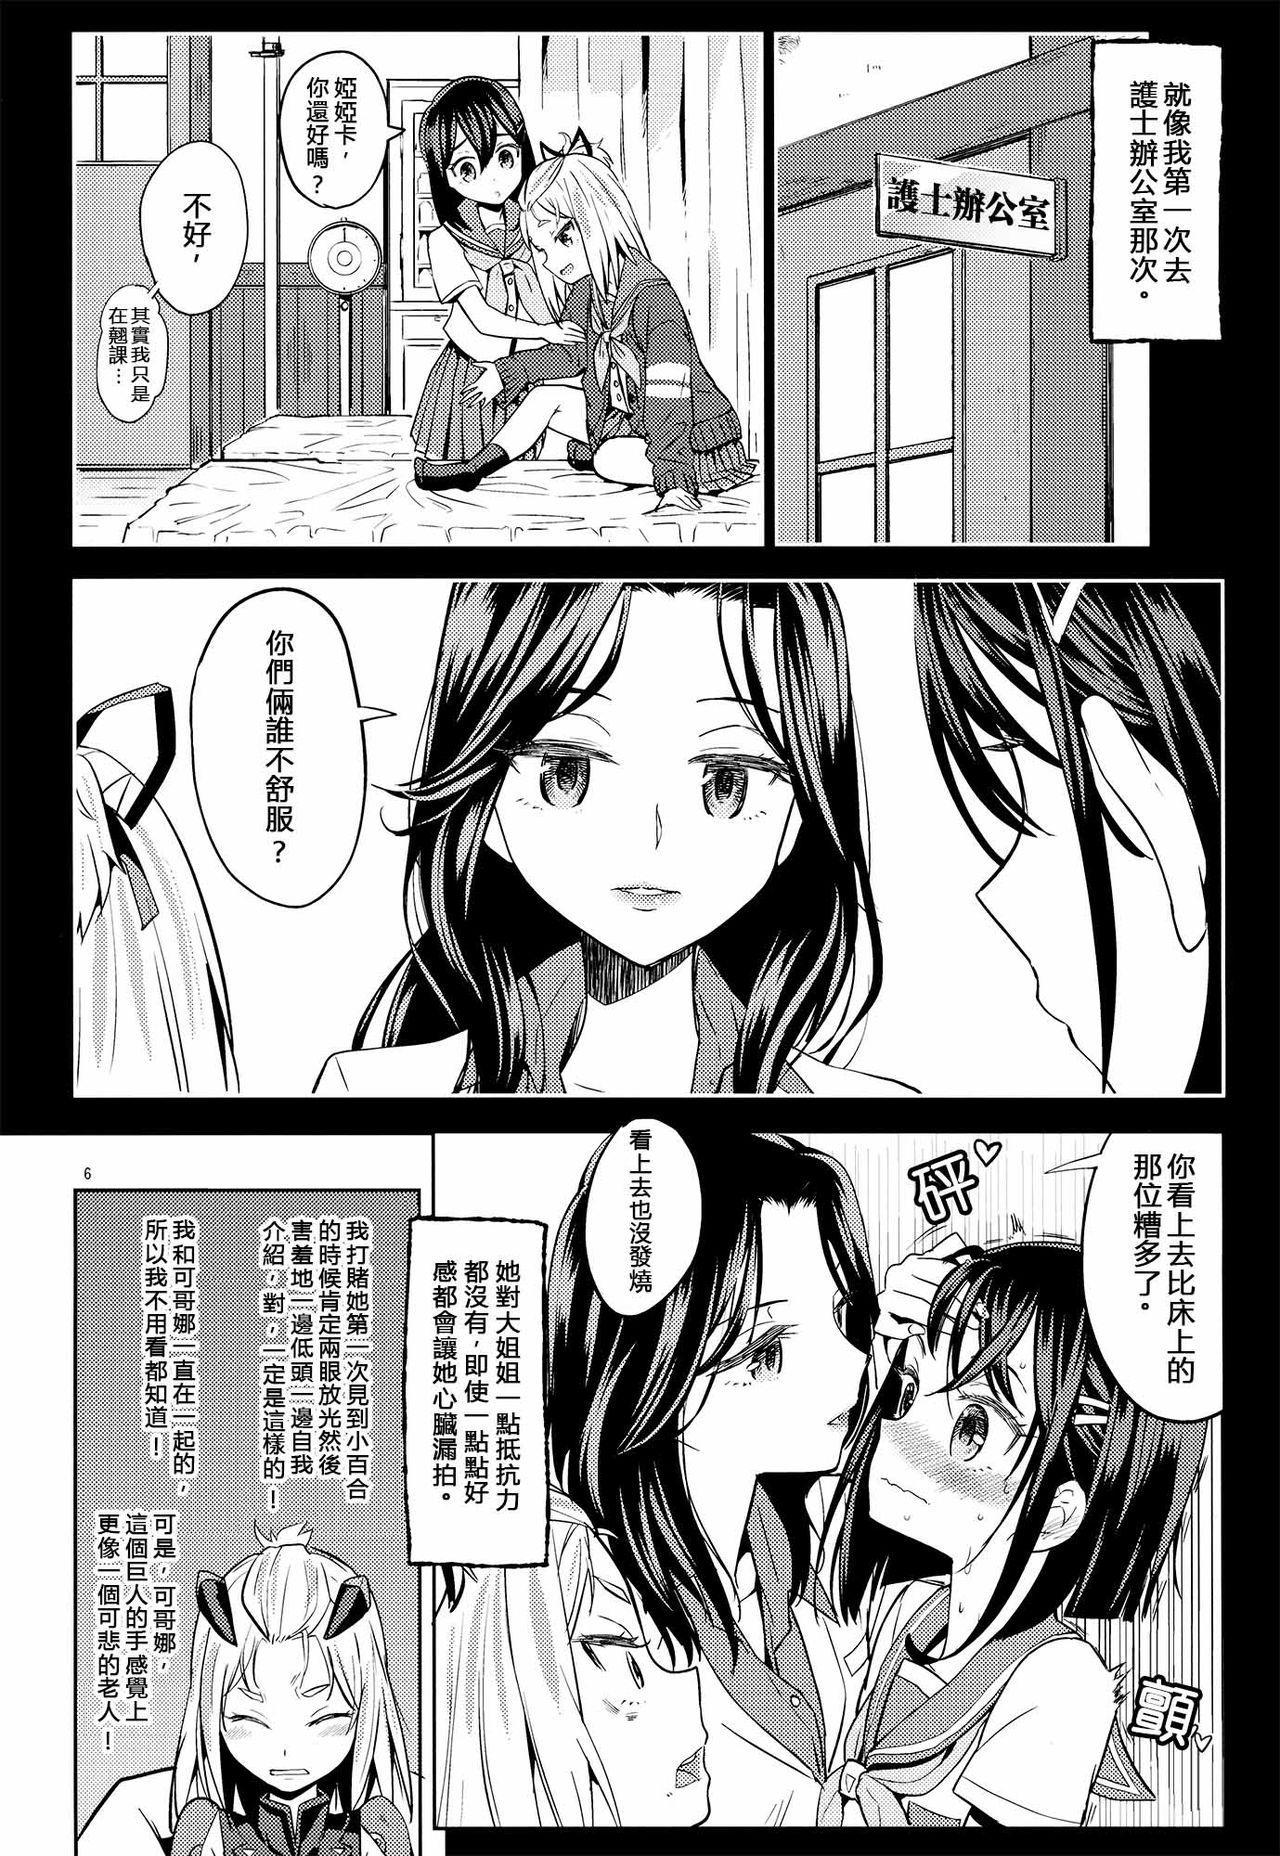 Sore dakara Watashi wa Henshin Dekinai 6